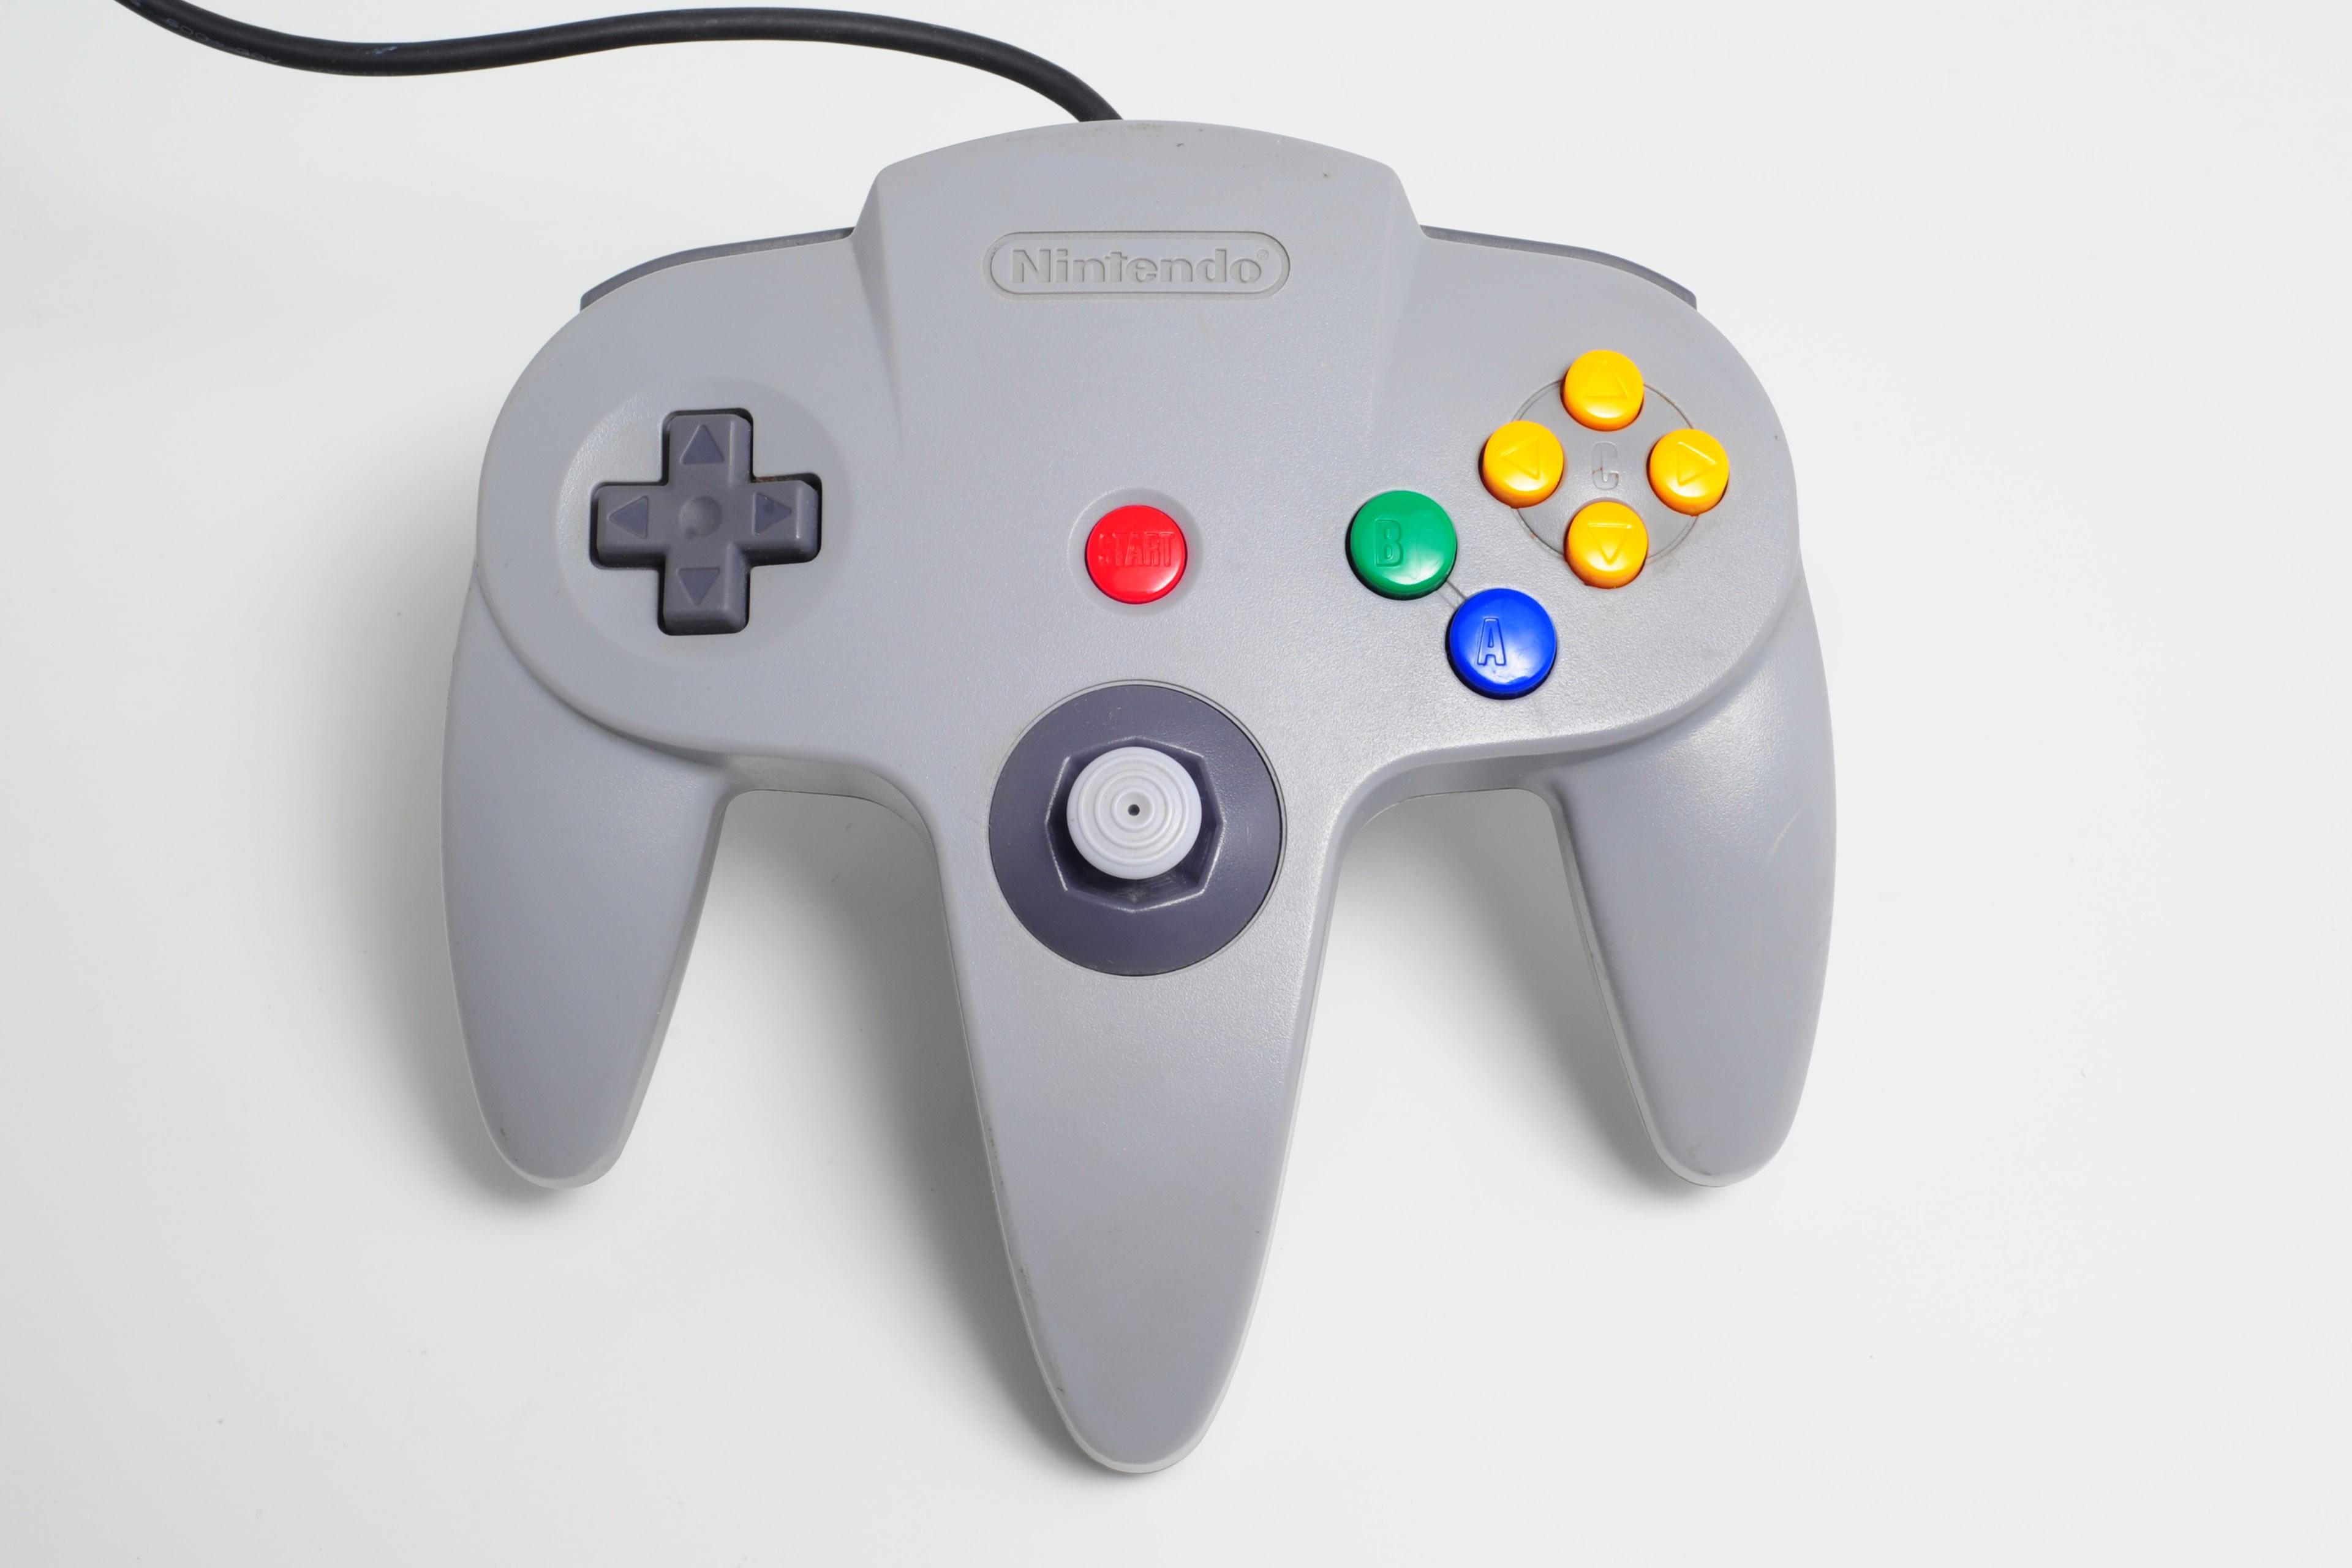 Manette contrôleur originale Nintendo N64 grise remise à neuf